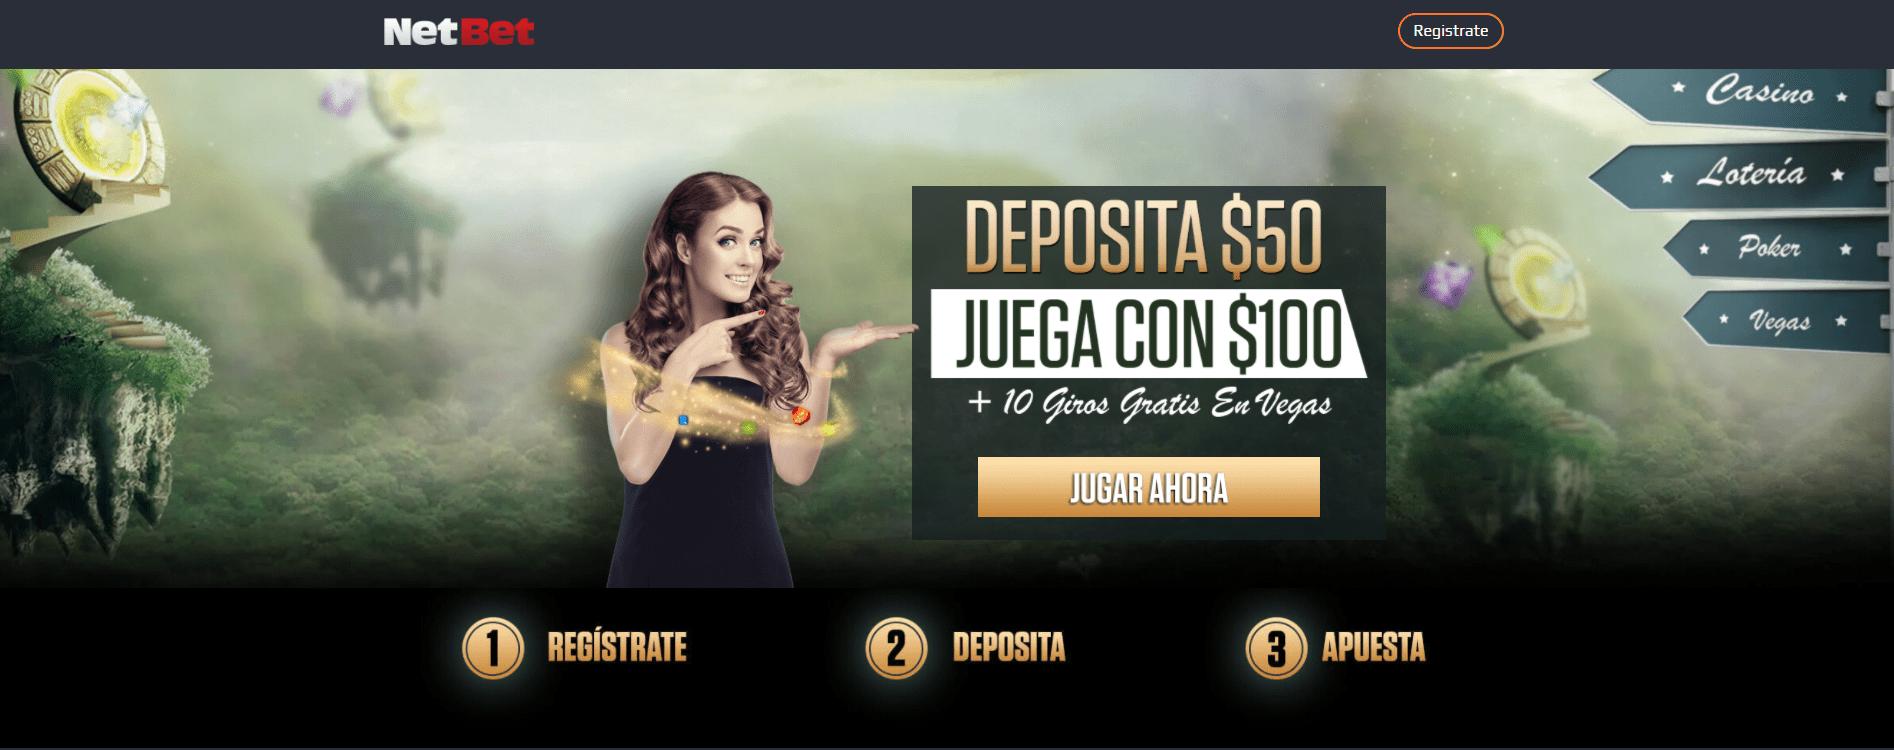 NetBet Casino promoción